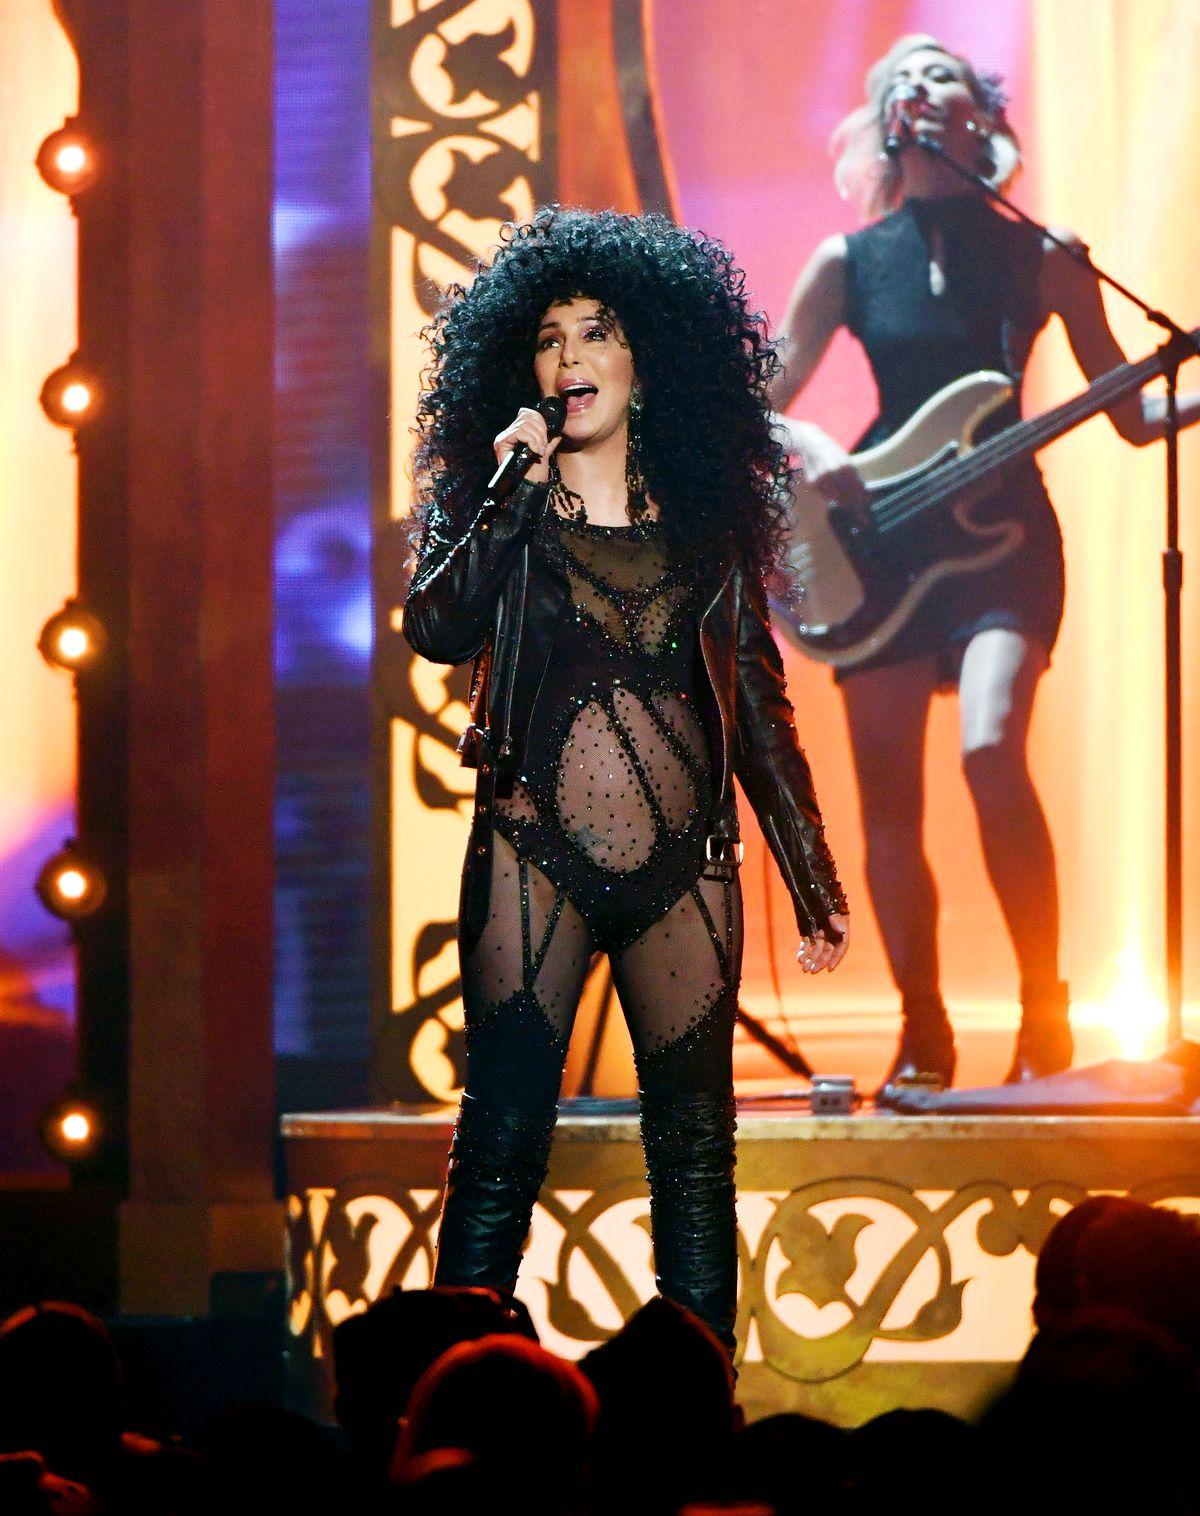 Выступает на церемонии вручения награды Billboard Music Awards 2017